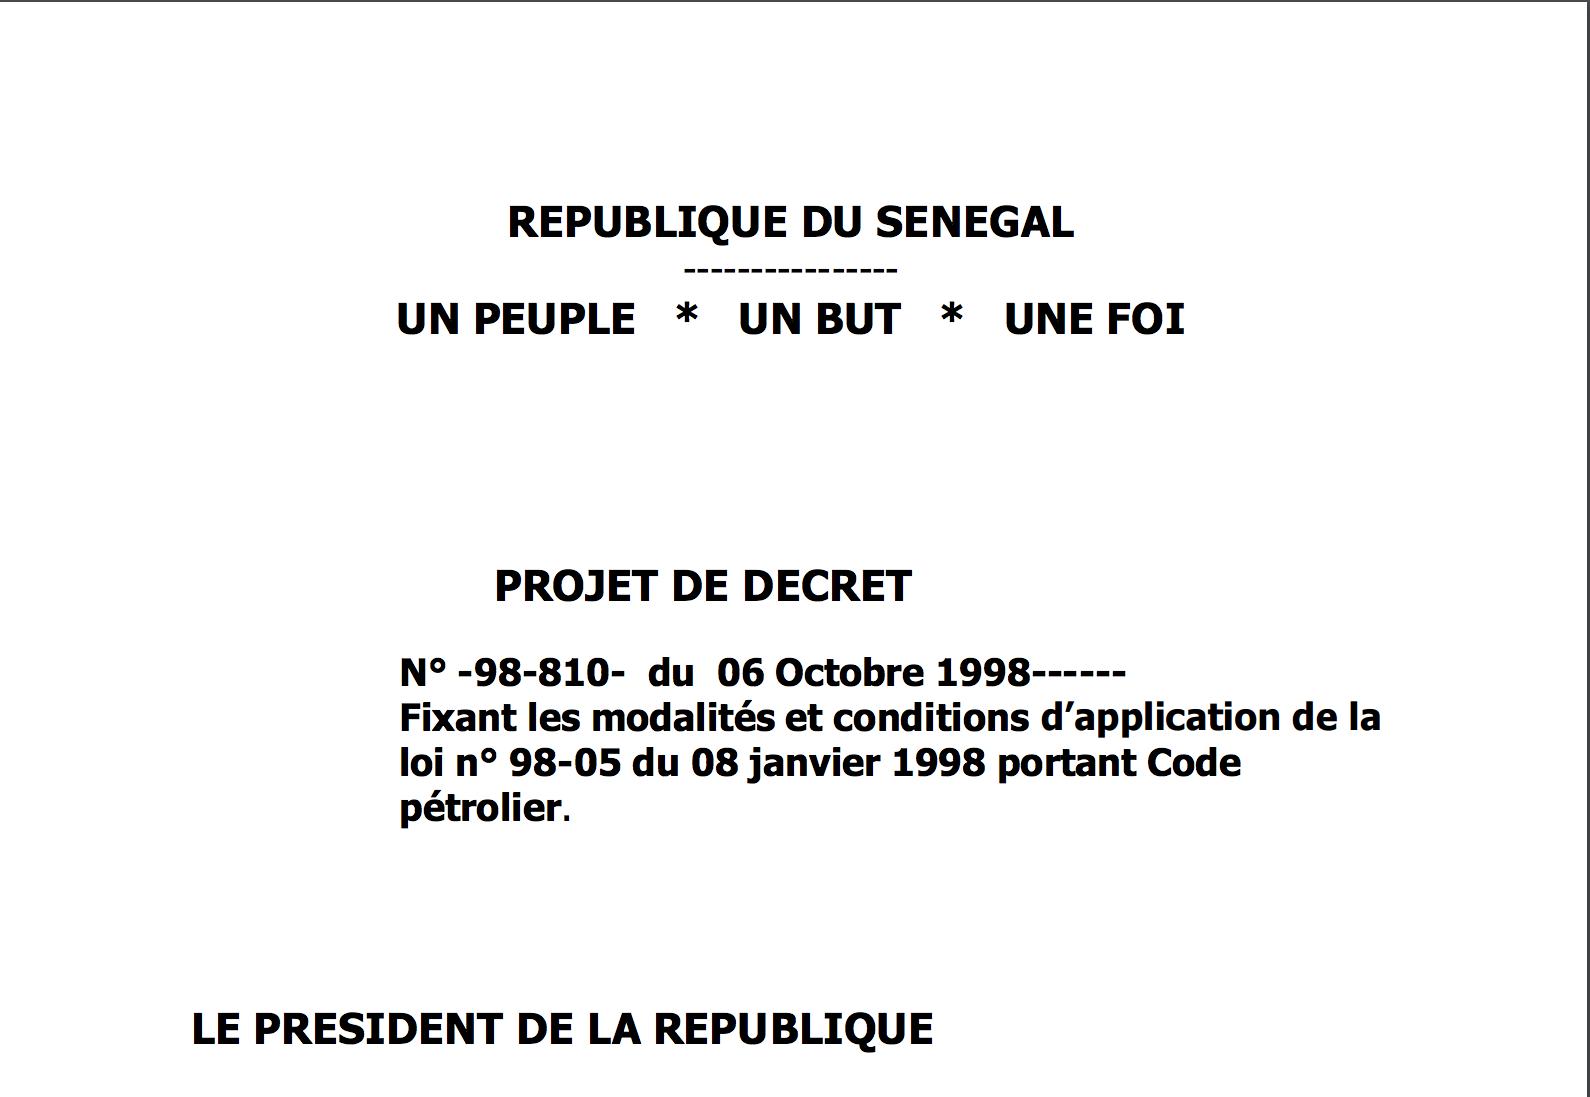 Décret N° -98-810- du 06 Octobre 1998 fixant les modalités et conditions d'application de la loi n° 98-05 du 08 janvier 1998 portant Code pétrolier.